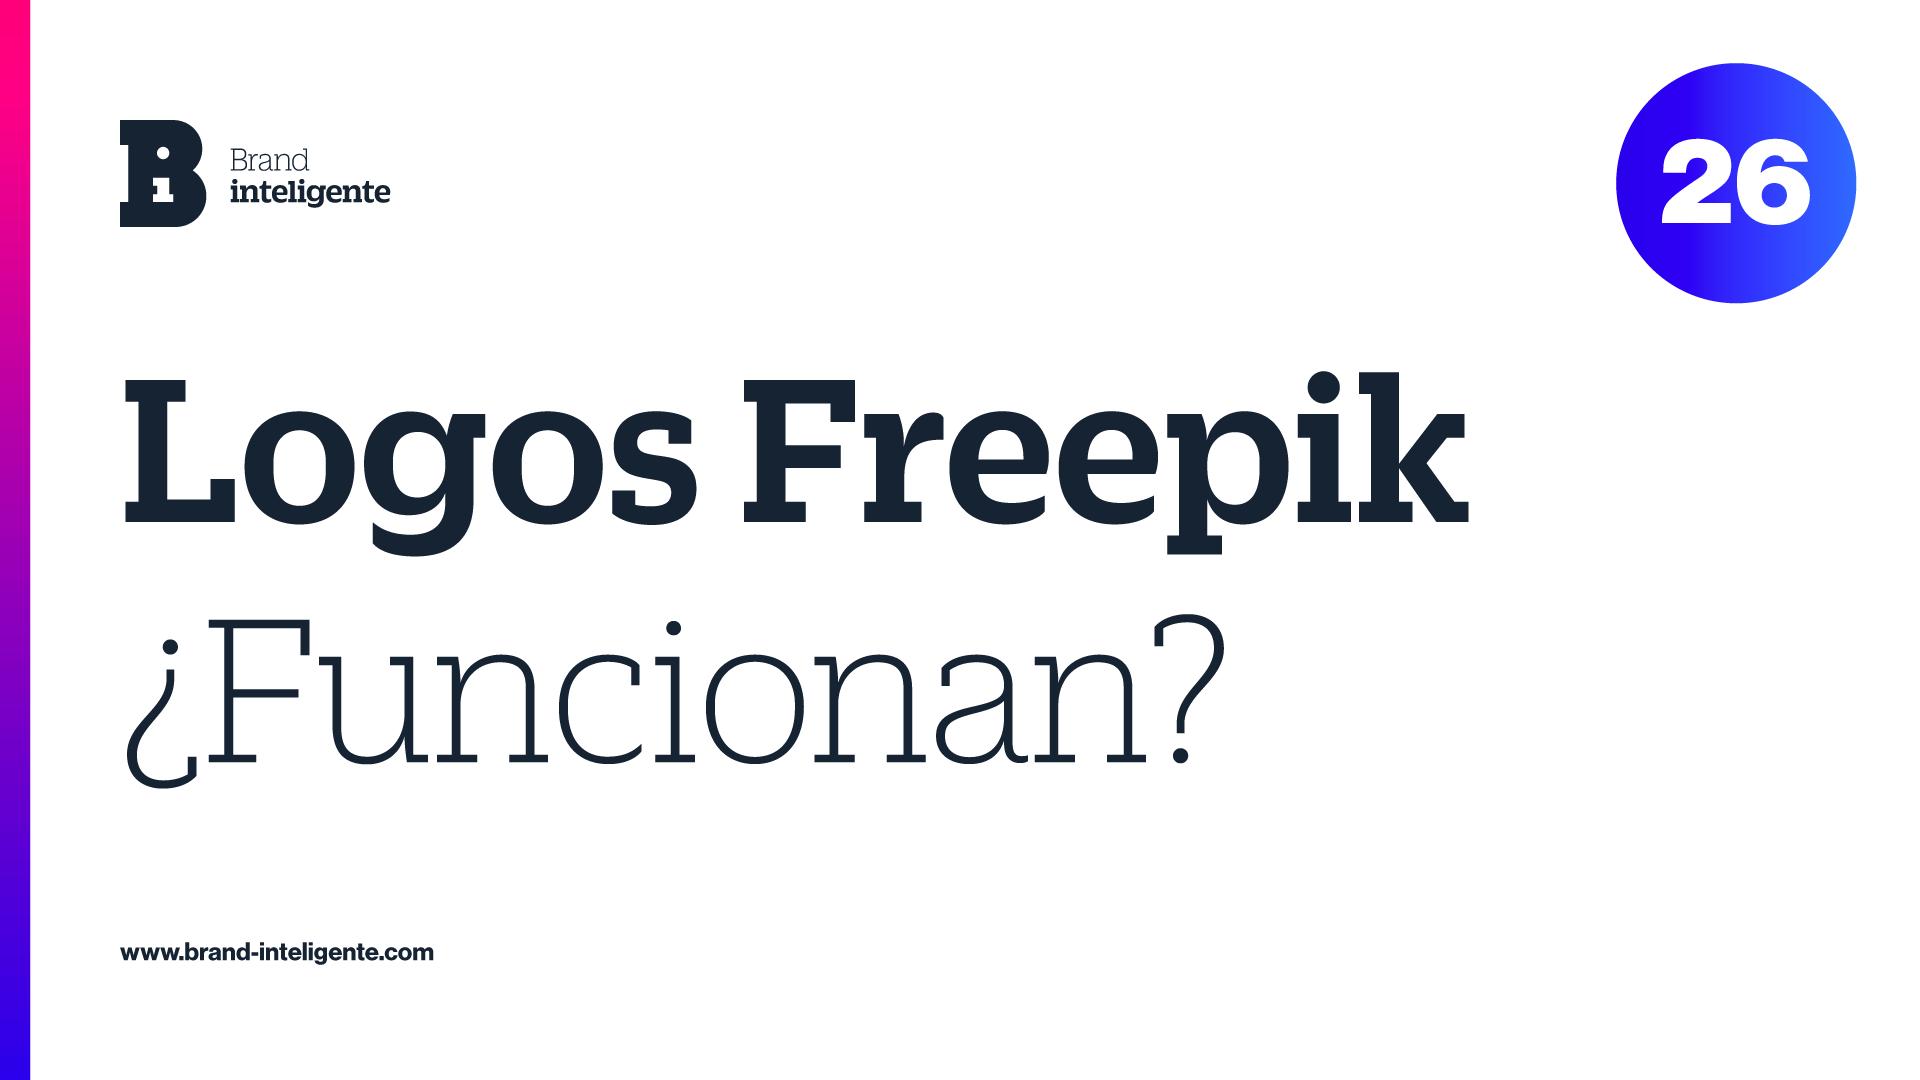 Logos Freepik ¿Funcionan?